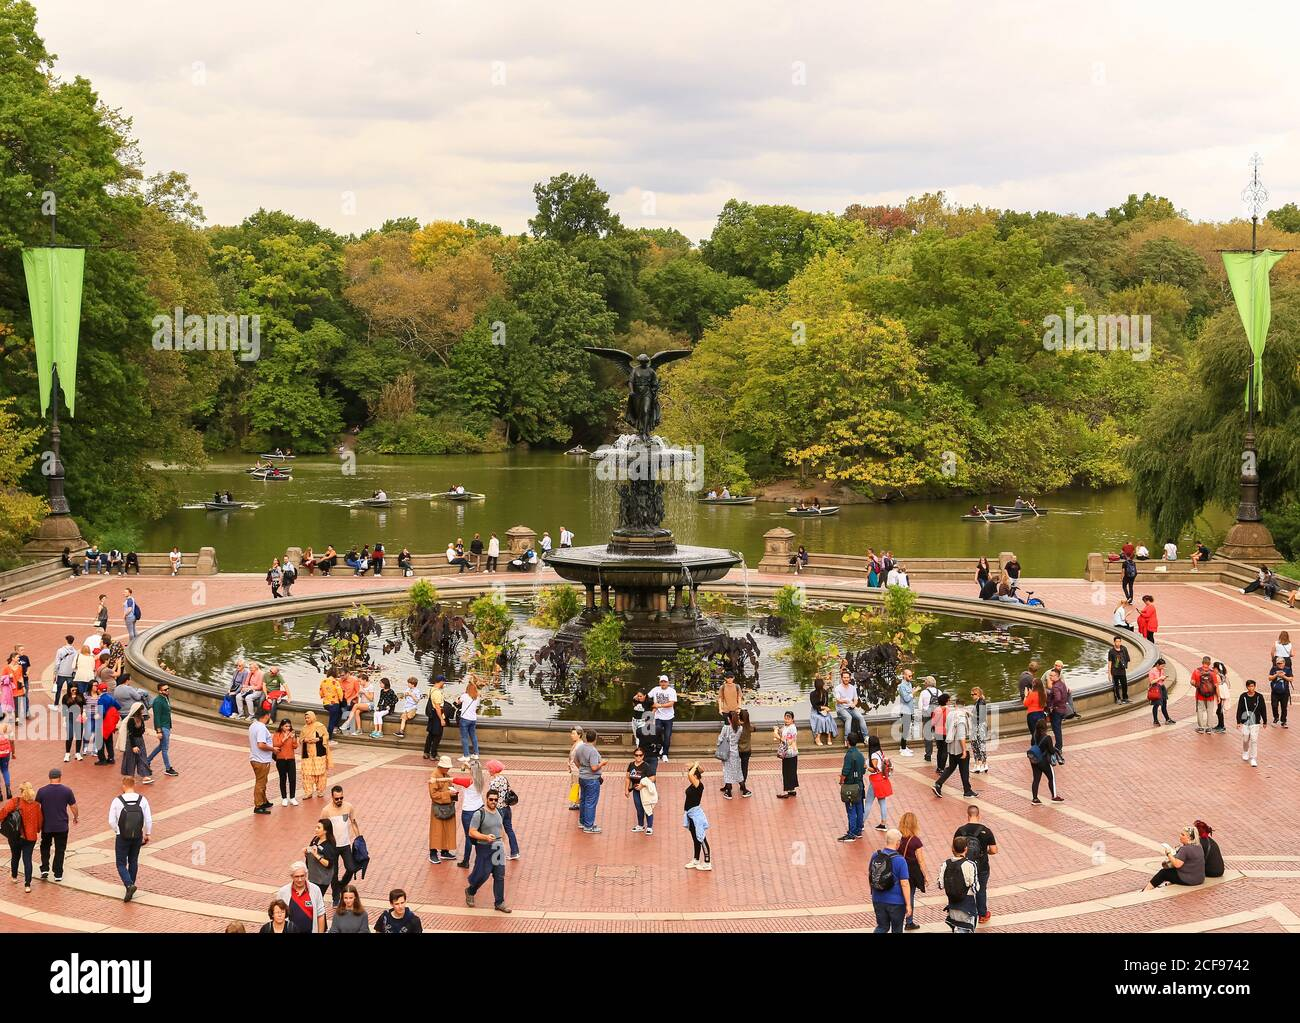 New York City, USA - 7 octobre 2019 : beaucoup de gens sont autour de la fontaine Bethesda sur la terrasse dans le Central Park. Banque D'Images